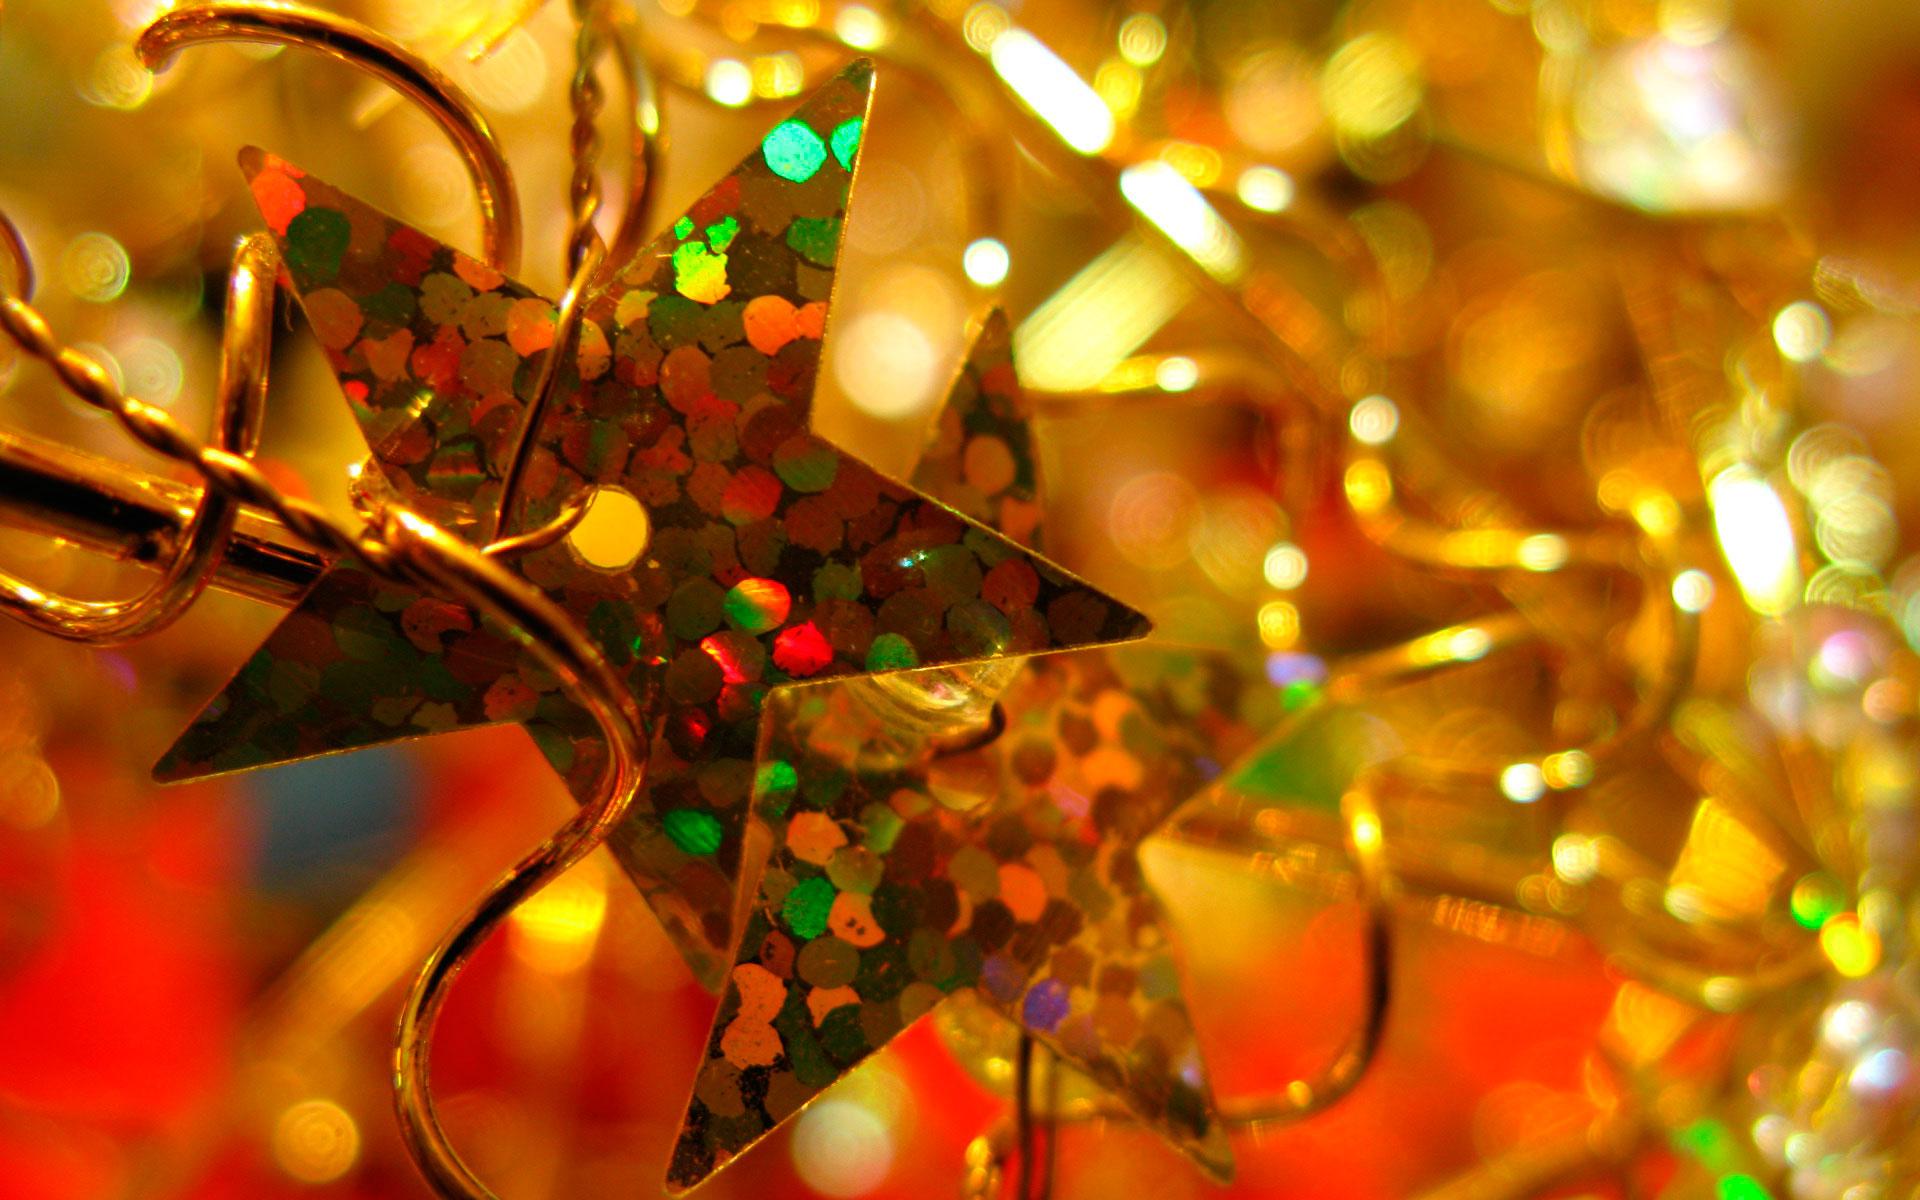 Диккенс Рождественские Истории